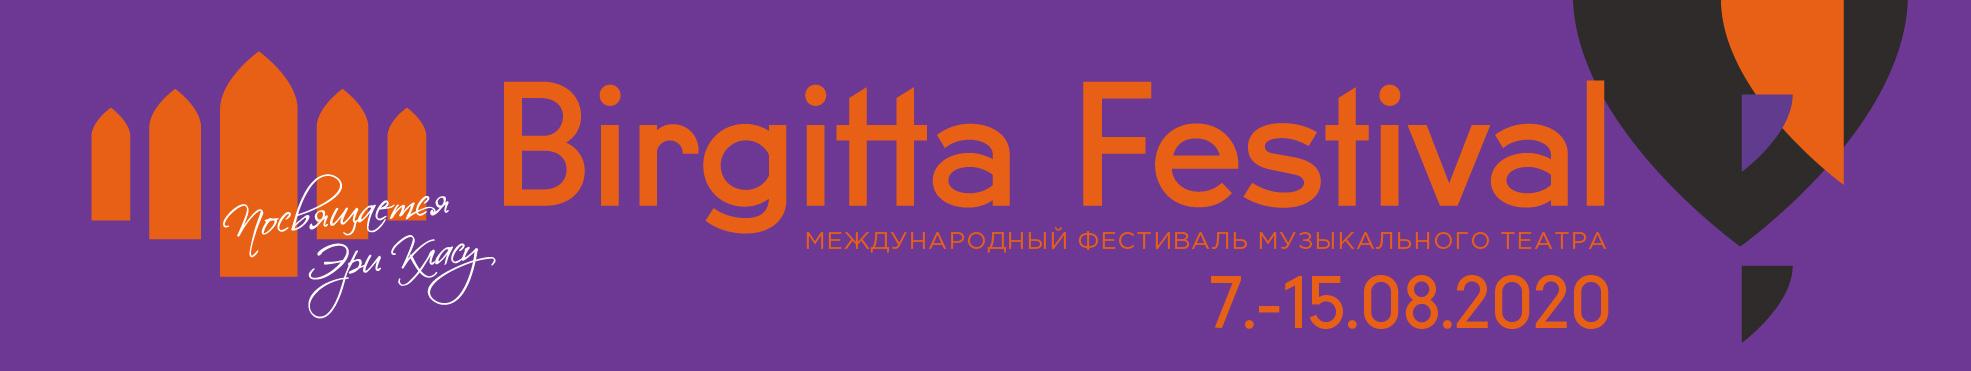 BIRGITTA2020 RUS